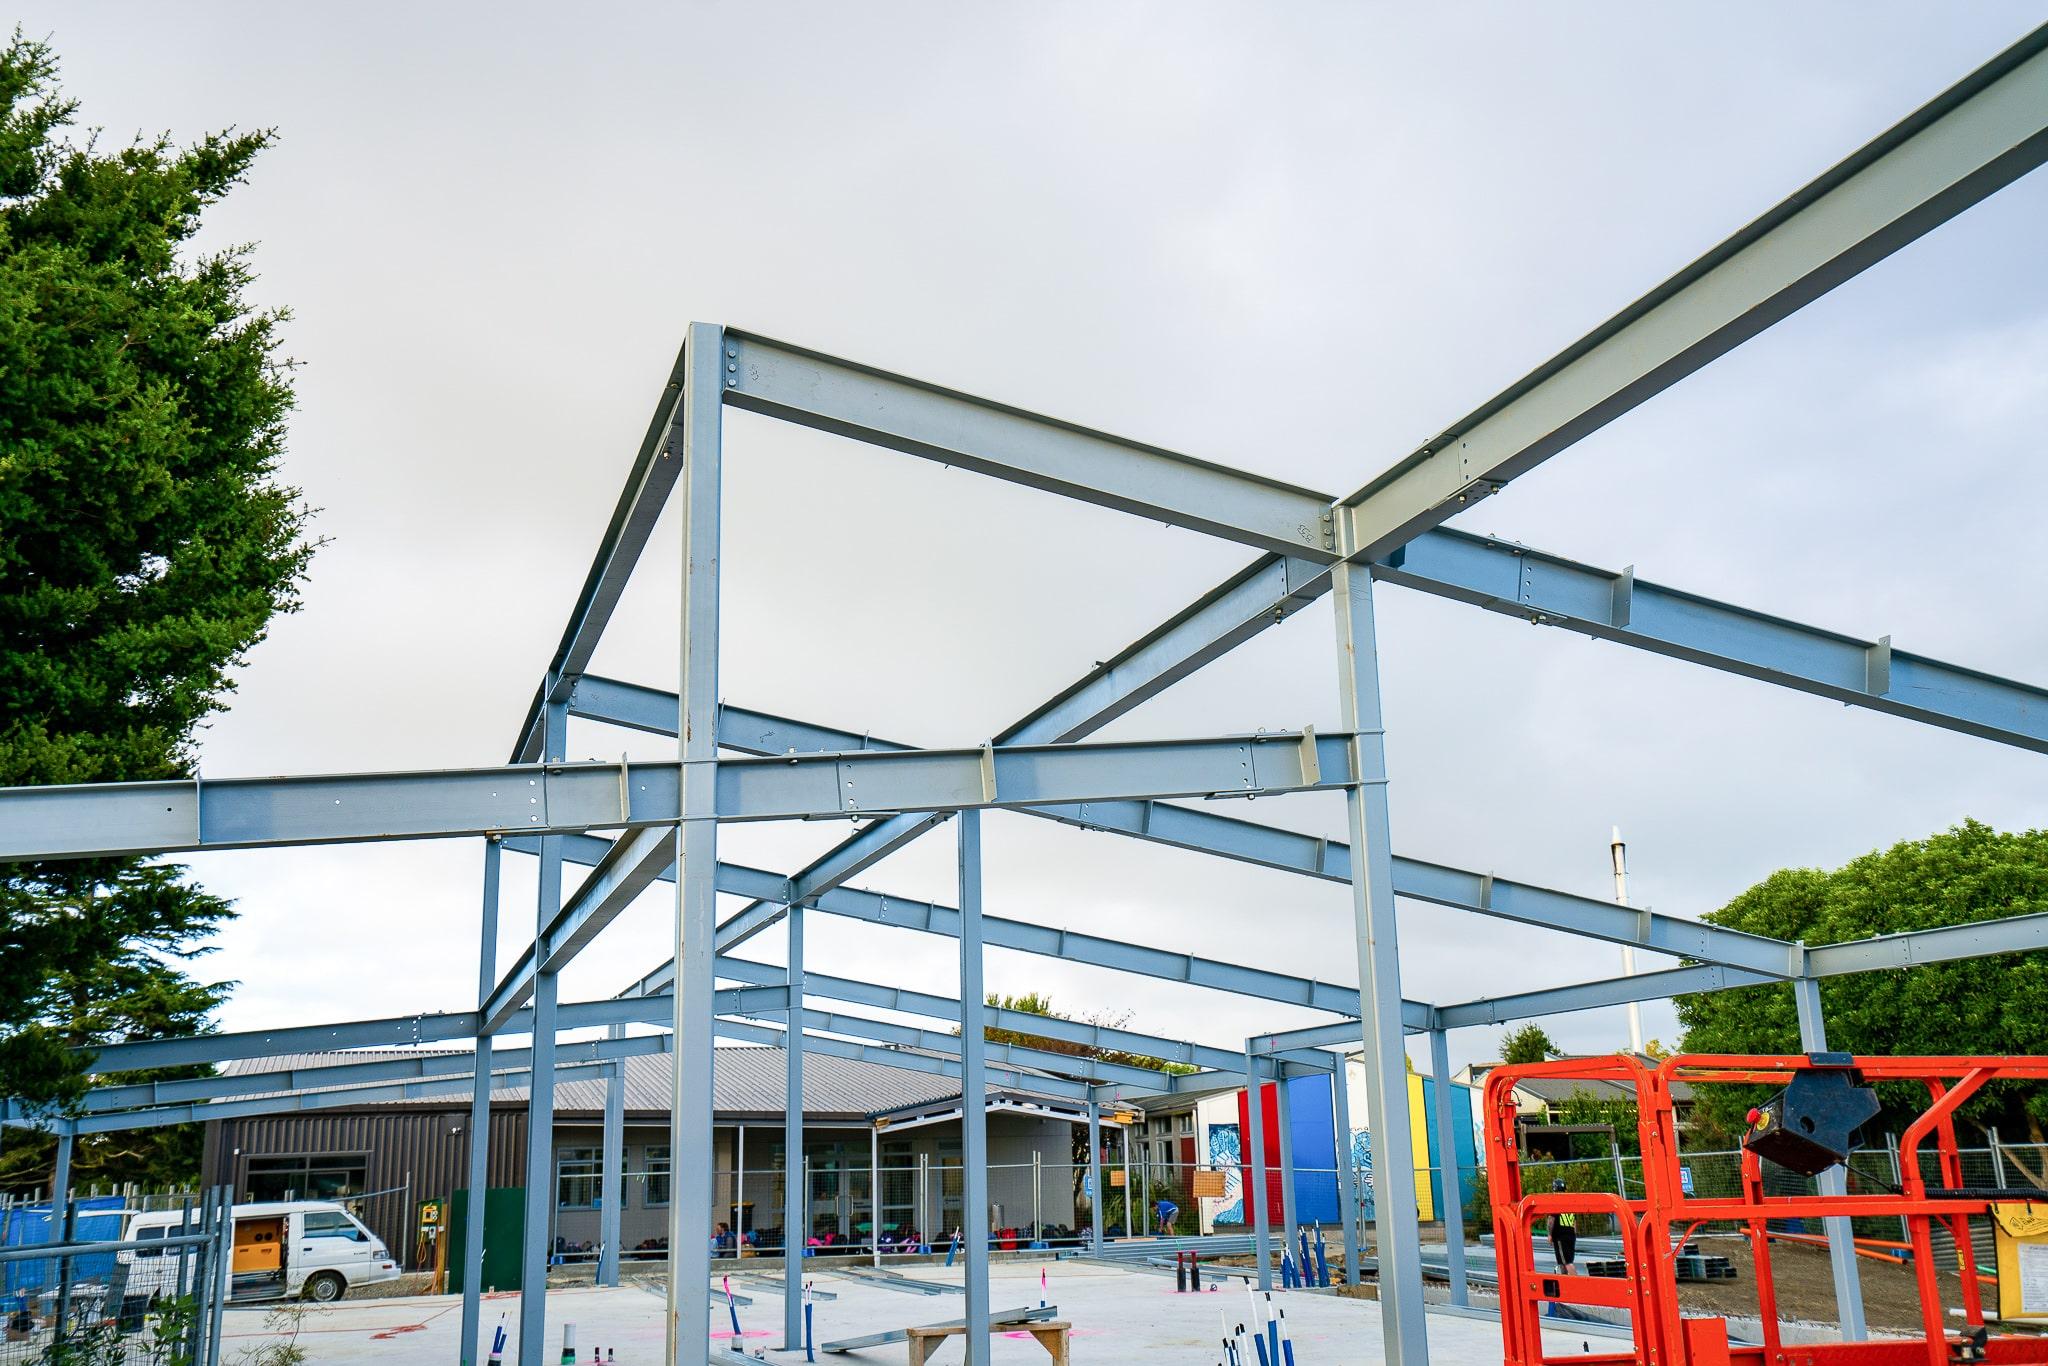 breens_school_vip_structural_steel_small25-min3